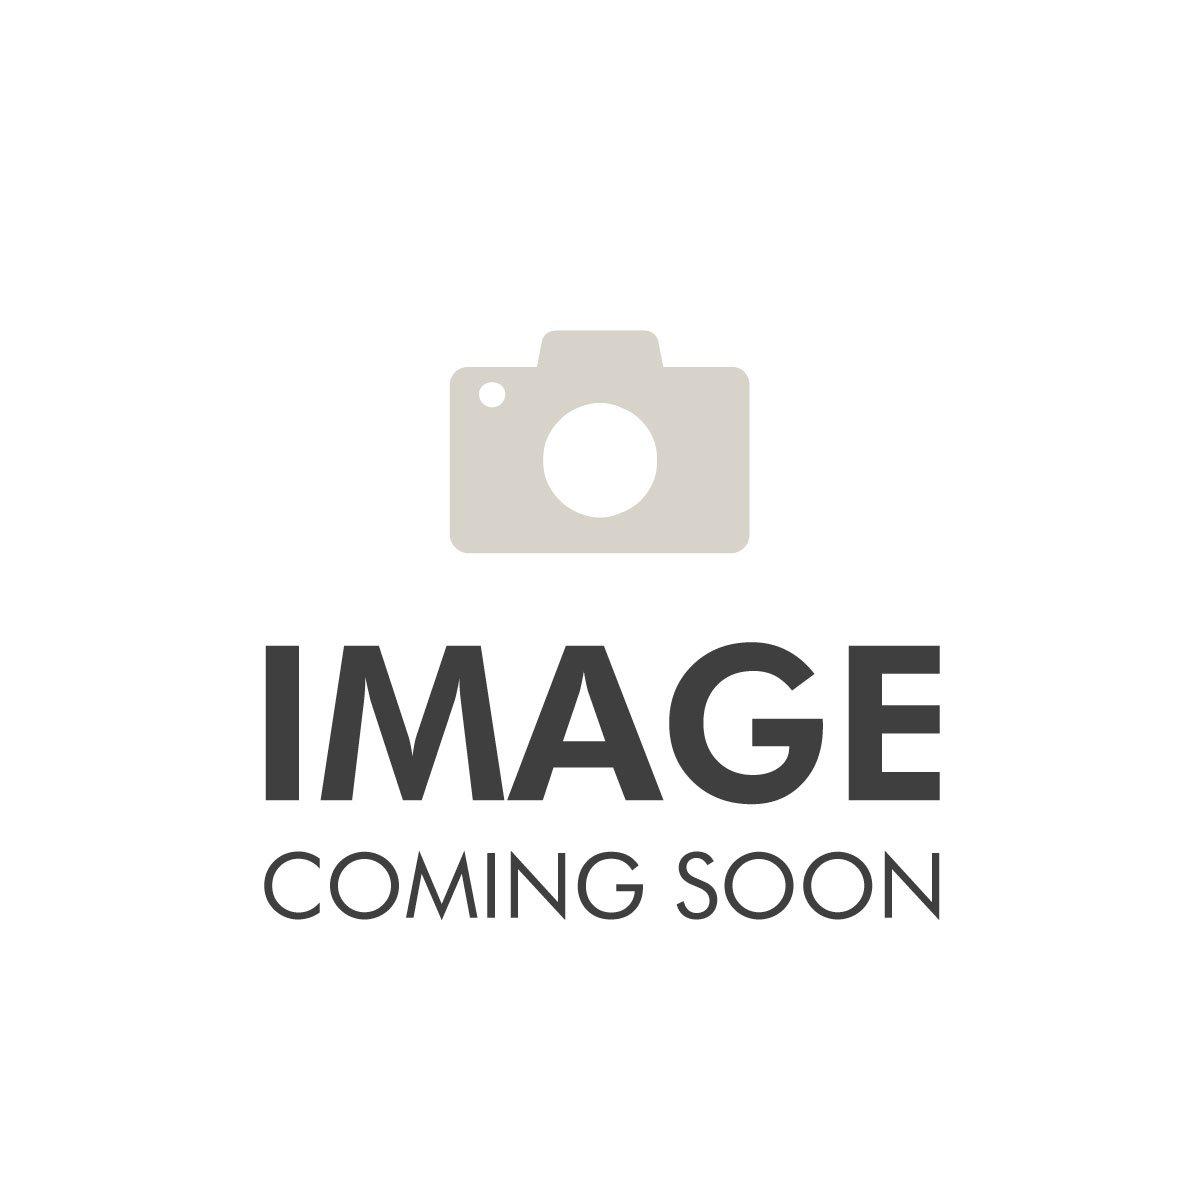 Adidas Fragrances Adidas Natural Vitality 30ml EDT Spray